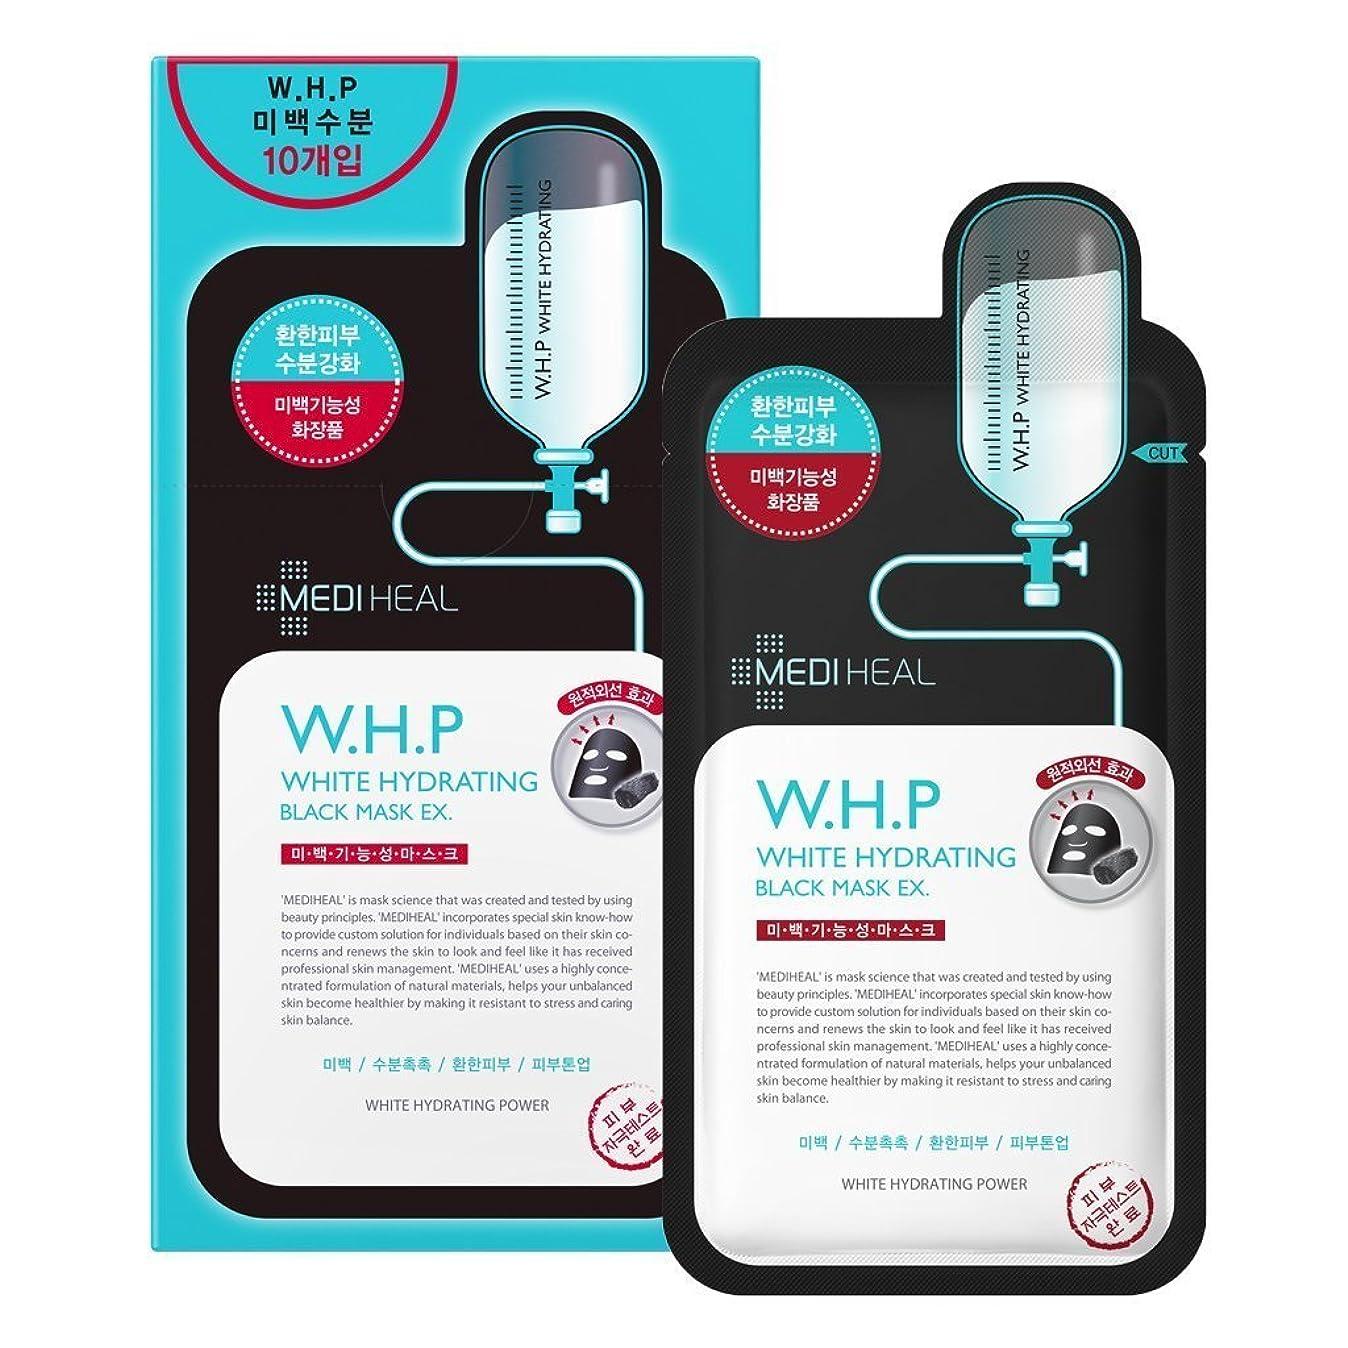 だます船尾毛皮Mediheal WHP ホワイト ハイドレイティング ブラック マスク EX 25mL x10枚 [並行輸入品]